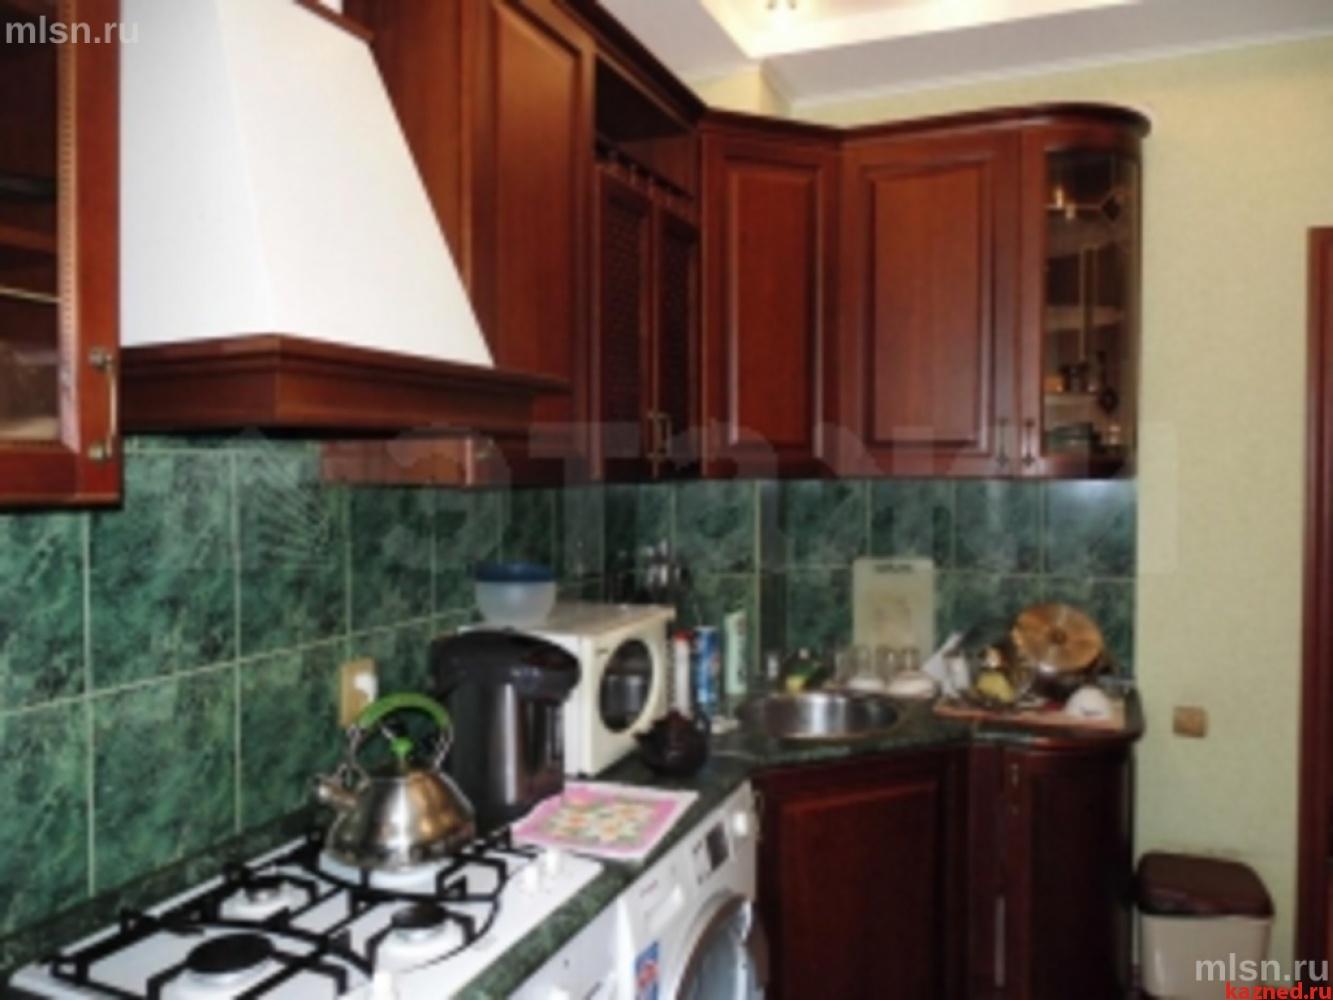 Продажа 2-к квартиры Меридианная,3, 60 м² (миниатюра №1)